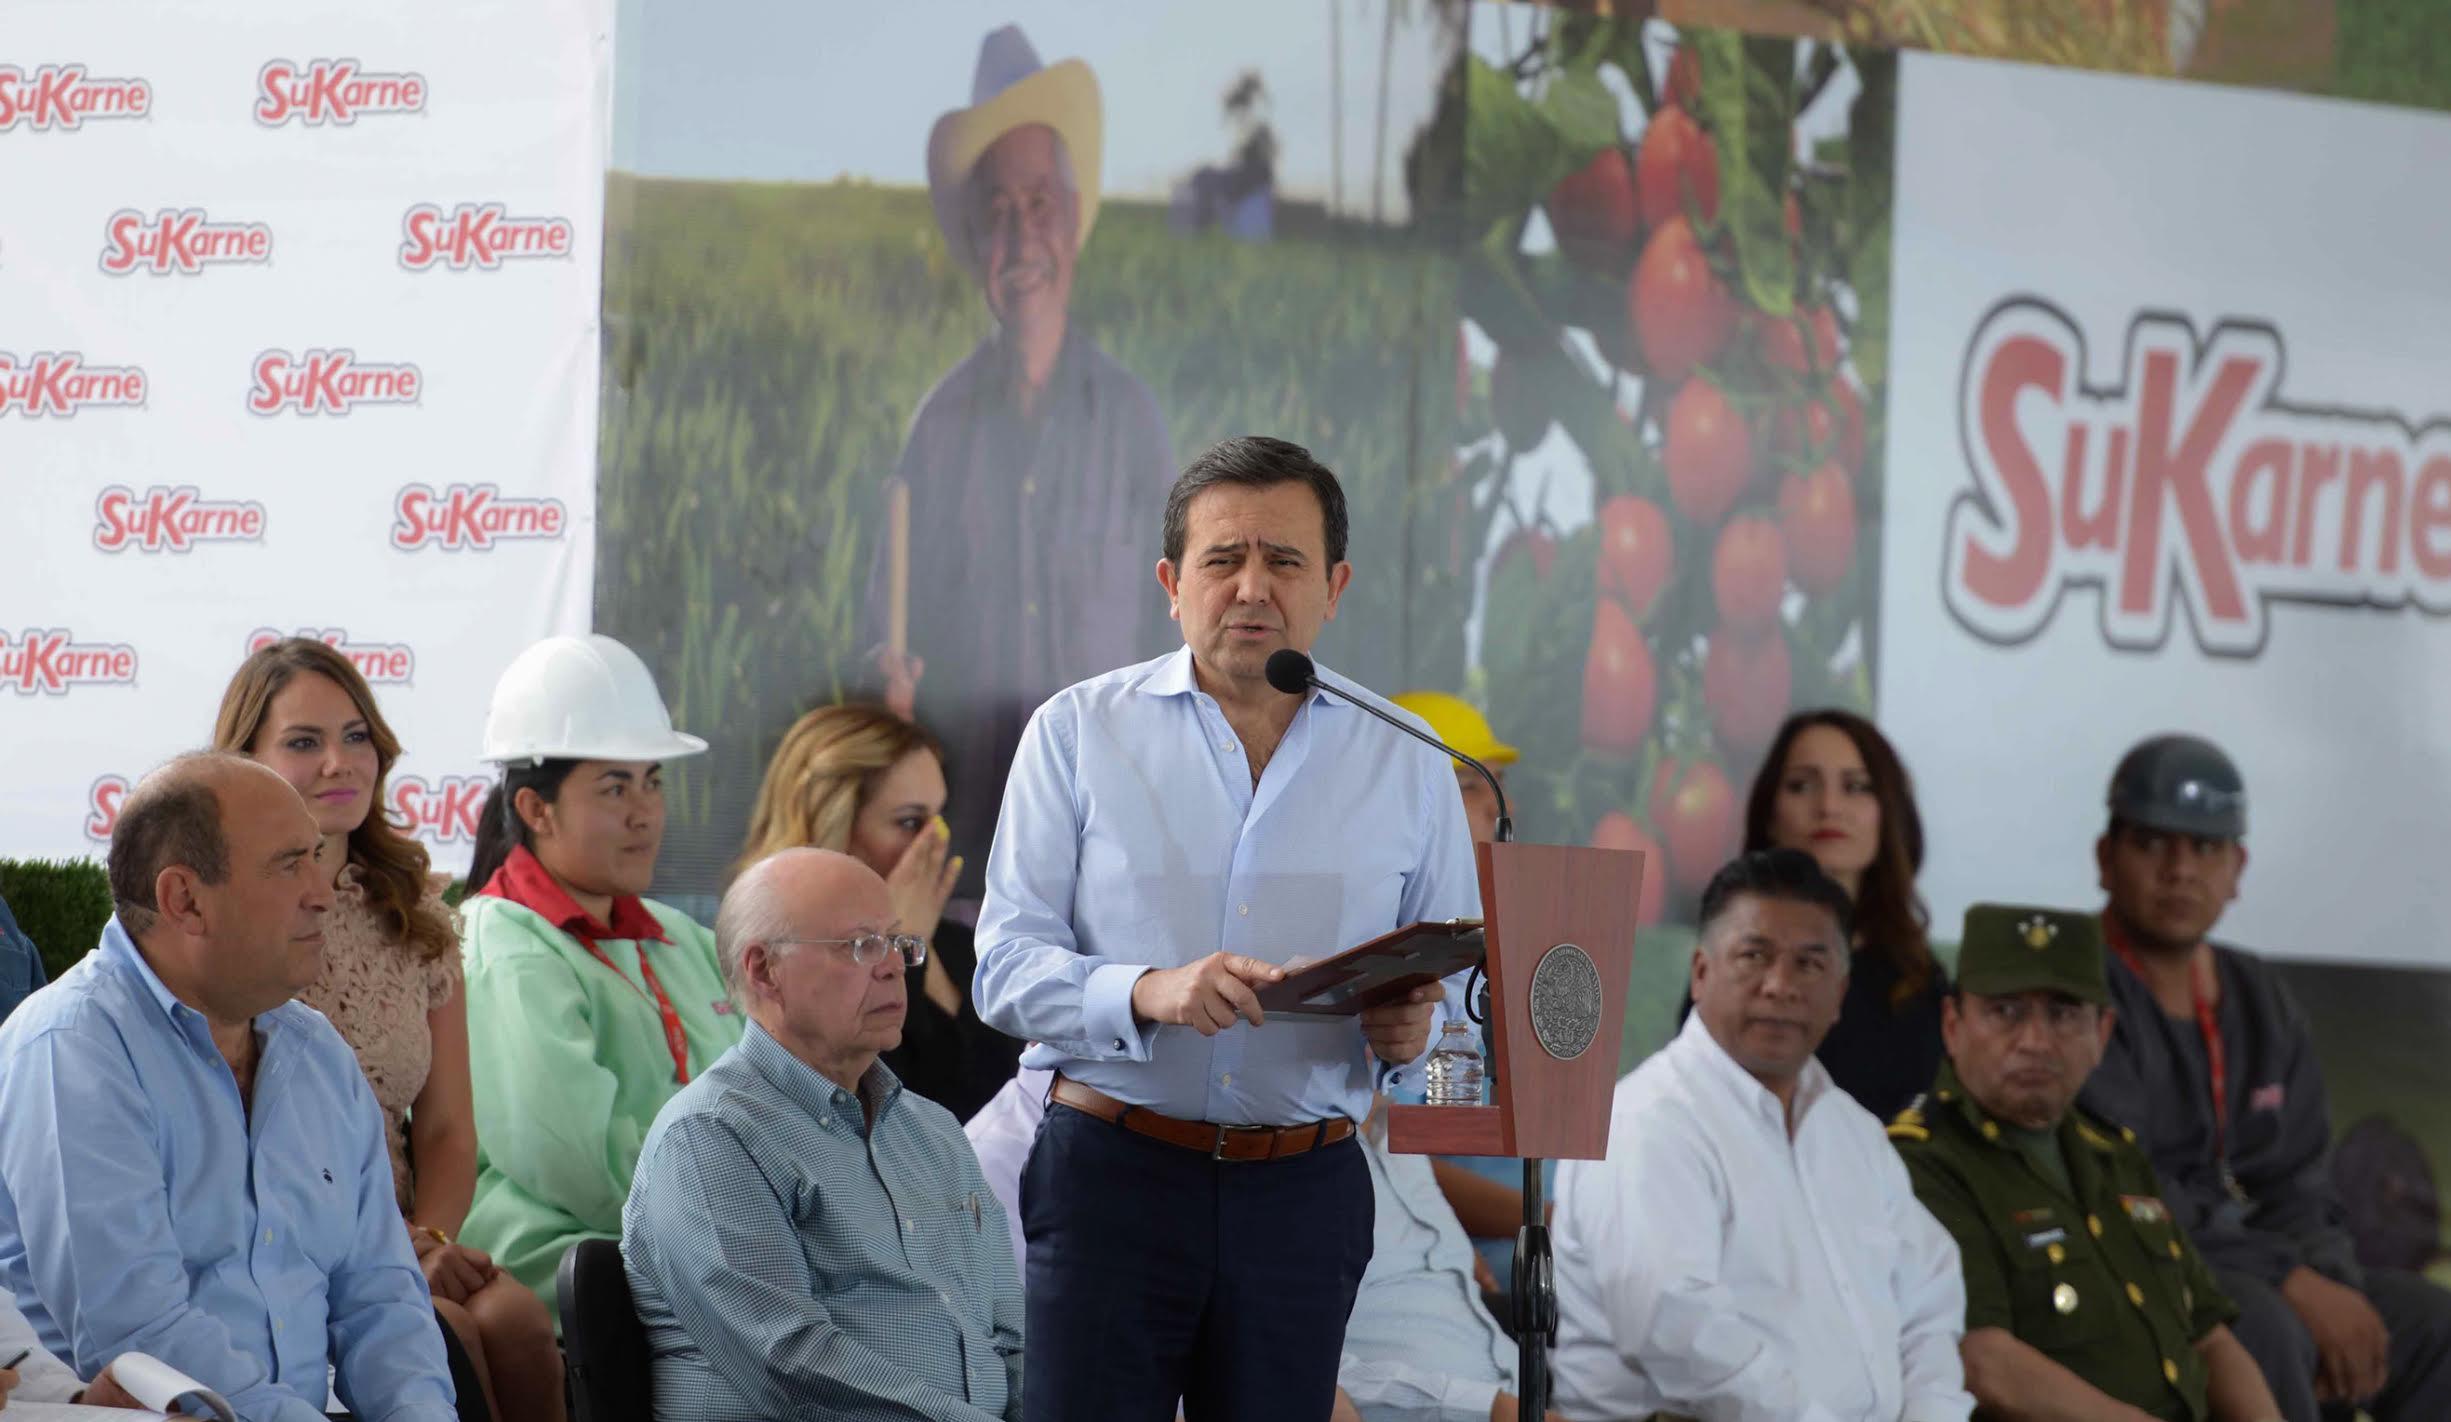 Ildefonso Guajardo Villarreal, durante su discurso en la inauguración del Agroparque Integradora Sukarne Lucero.